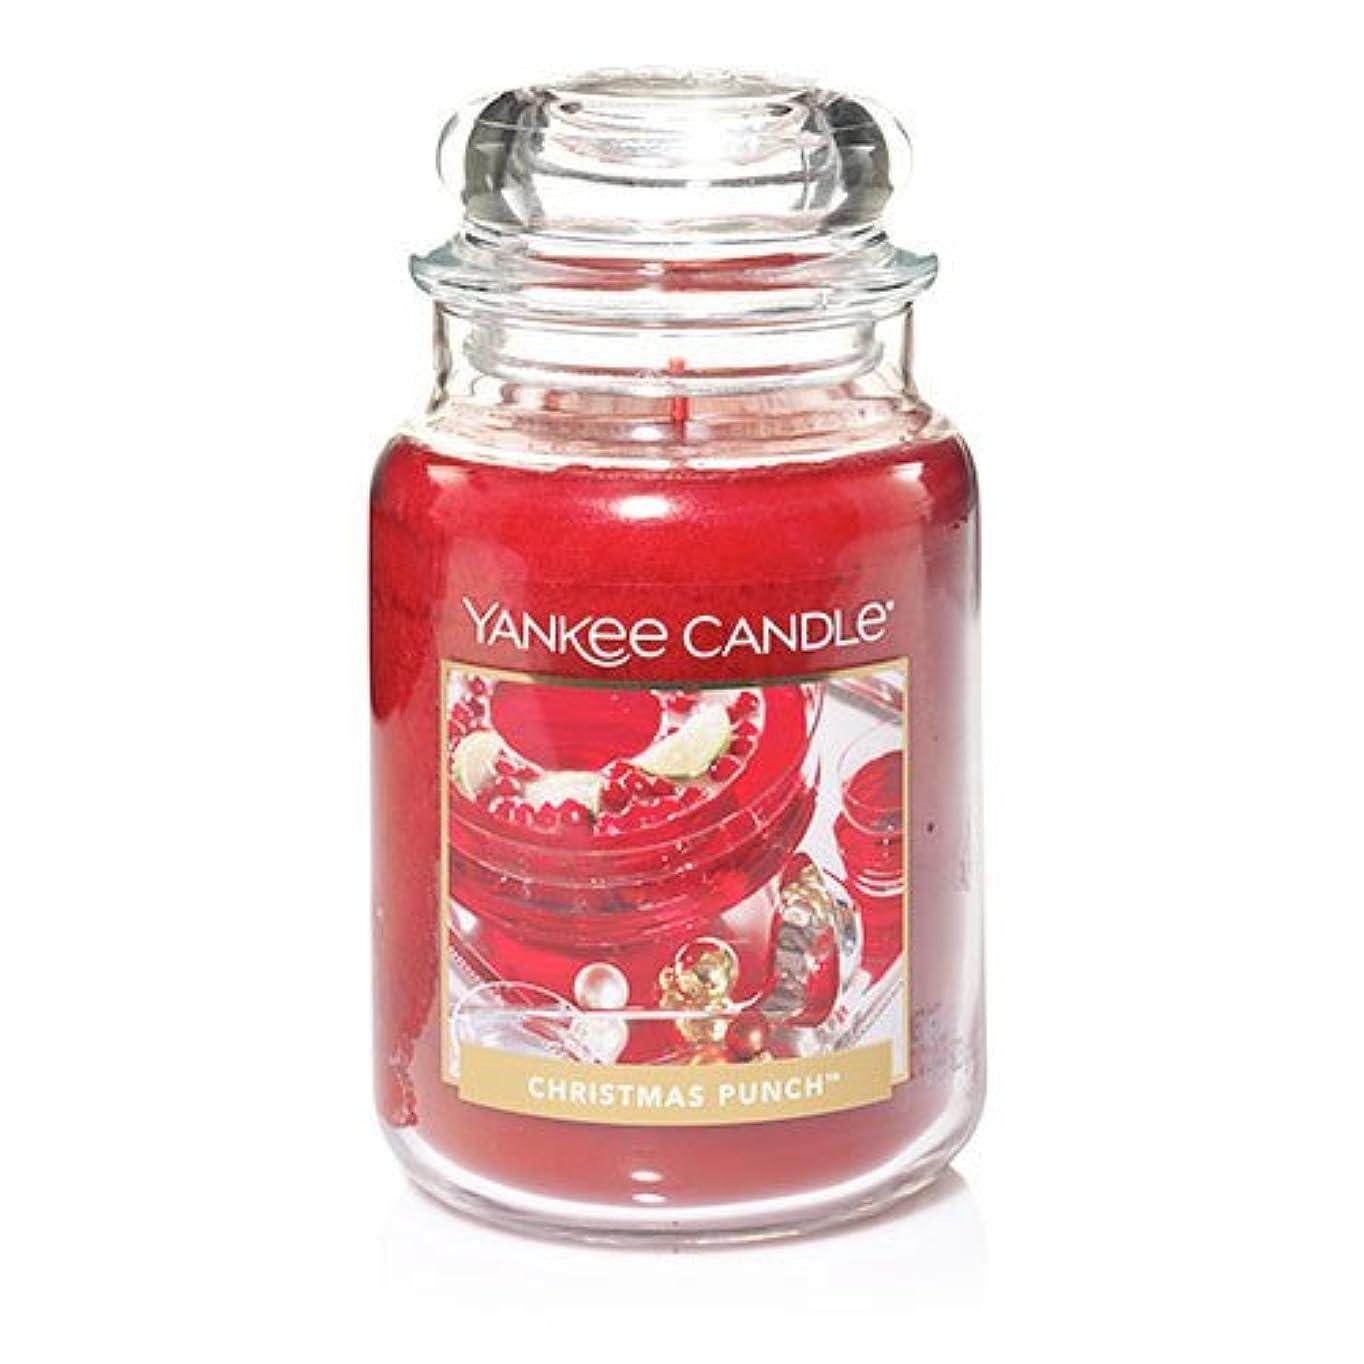 あさりミシン目肺Yankee CandleクリスマスパンチLarge Jar Candle